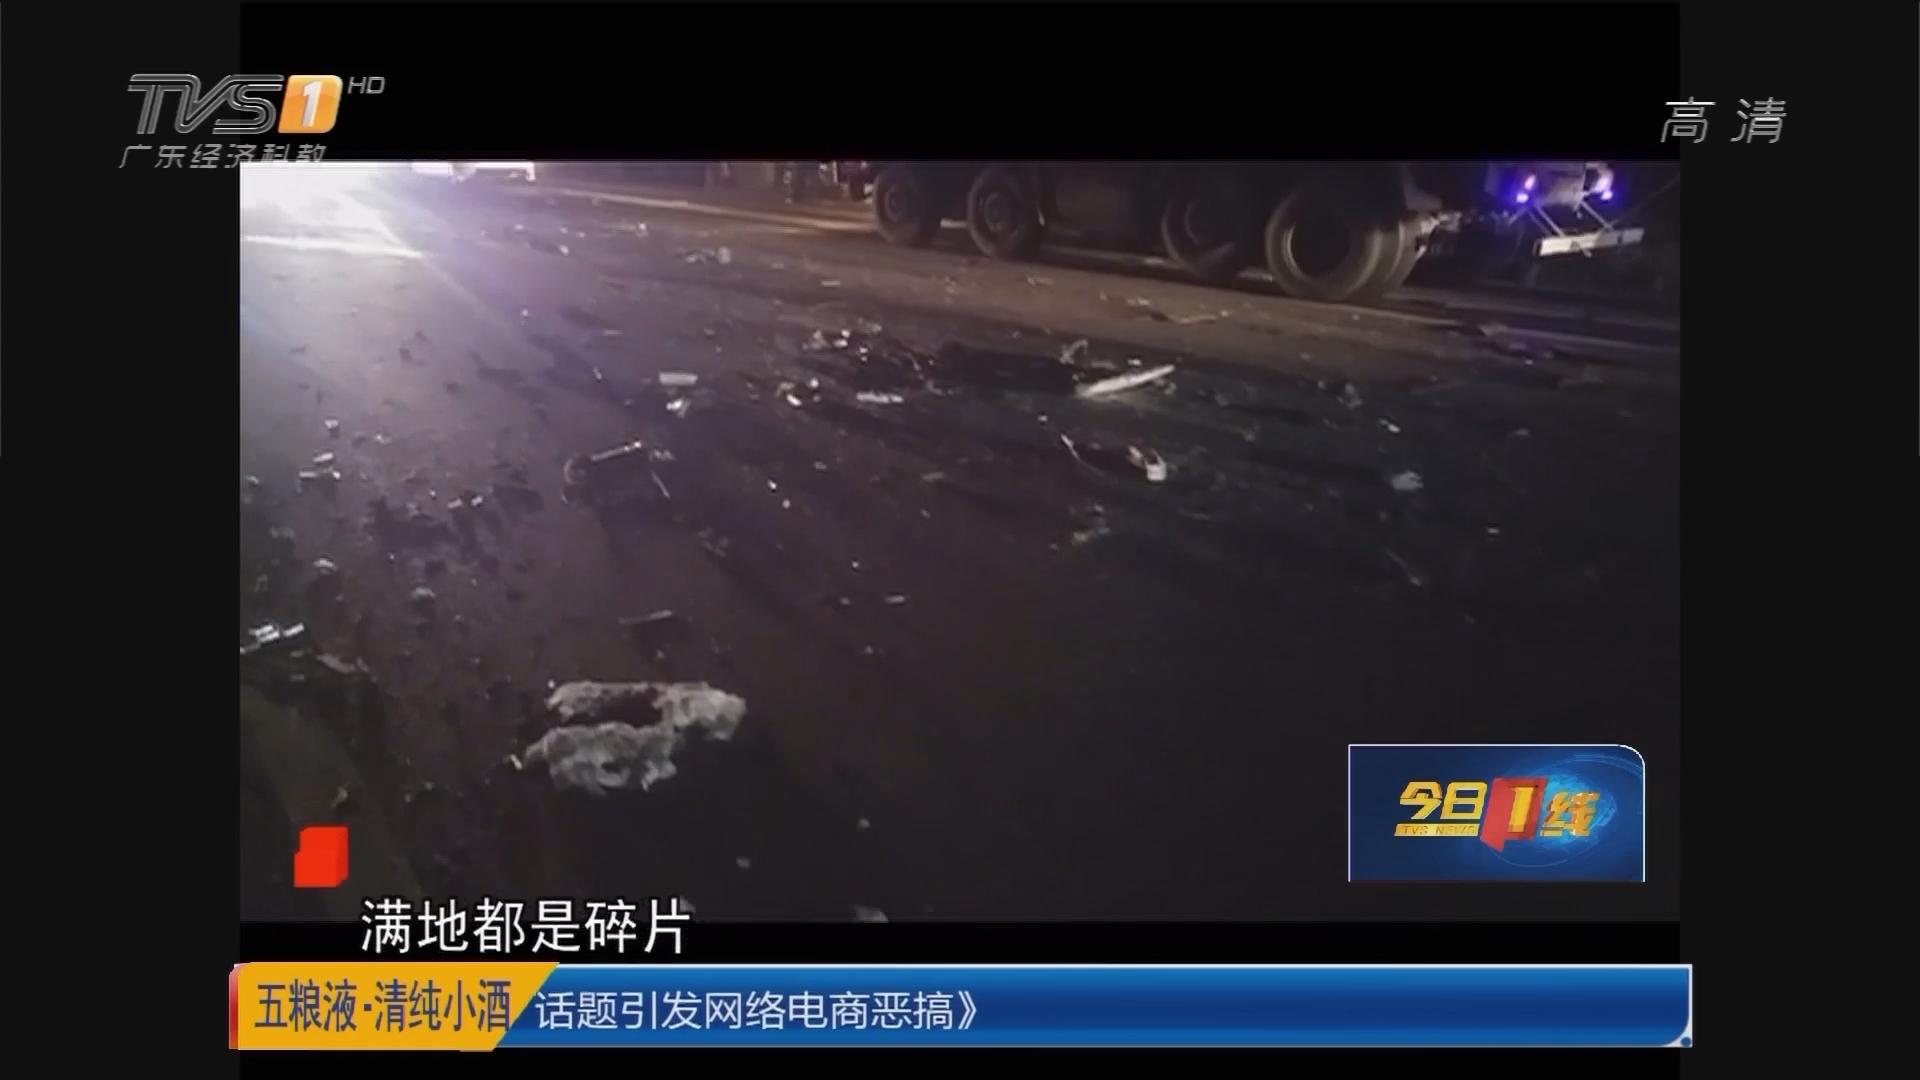 梅州:越野车跟货车对撞 多方紧急救援